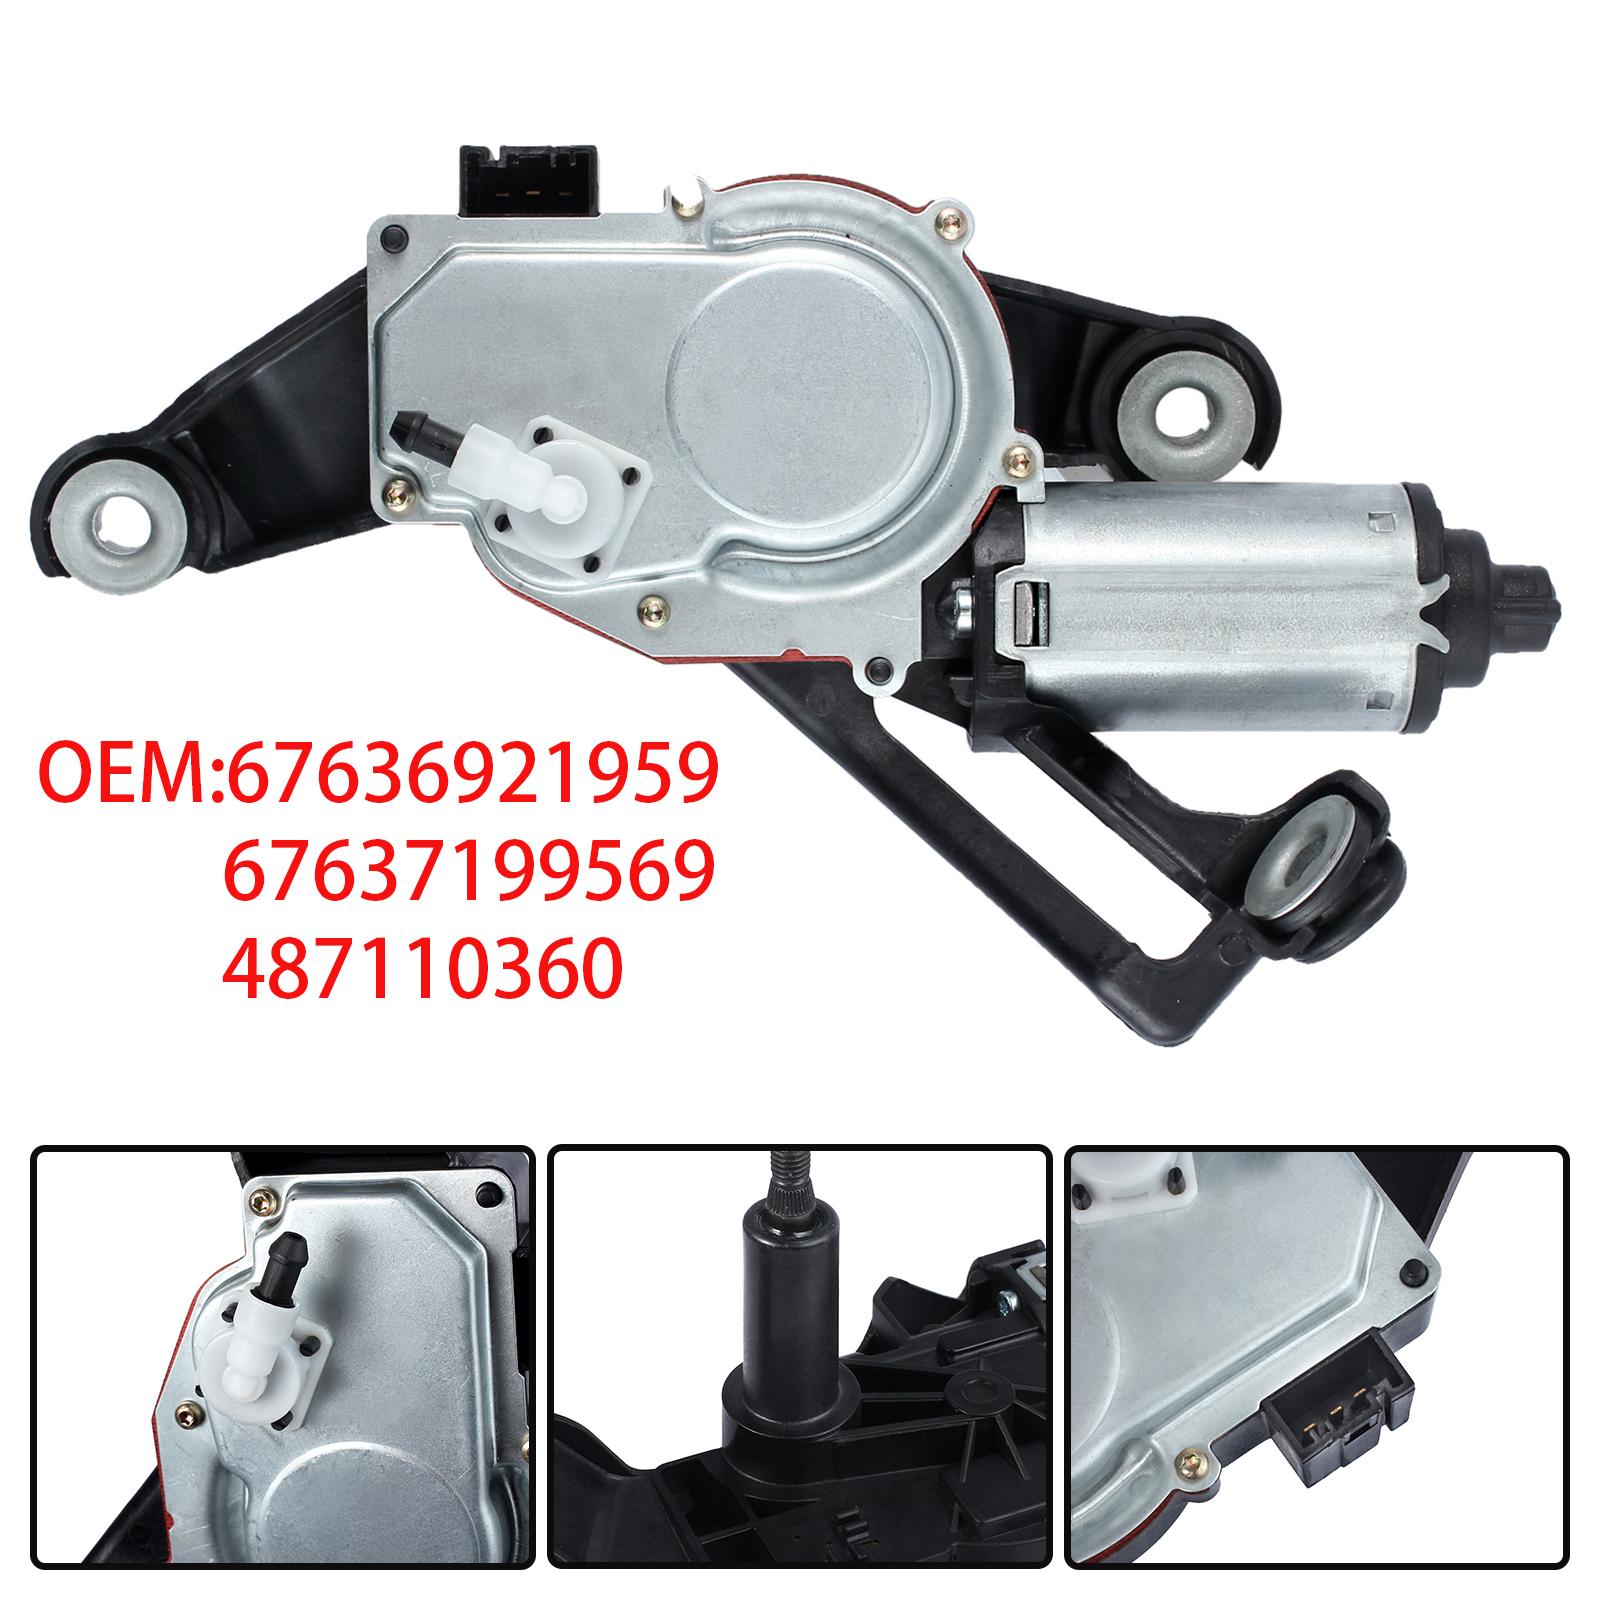 2006-2012 Rear Window Wiper Motor FOR BMW 1 Series E81